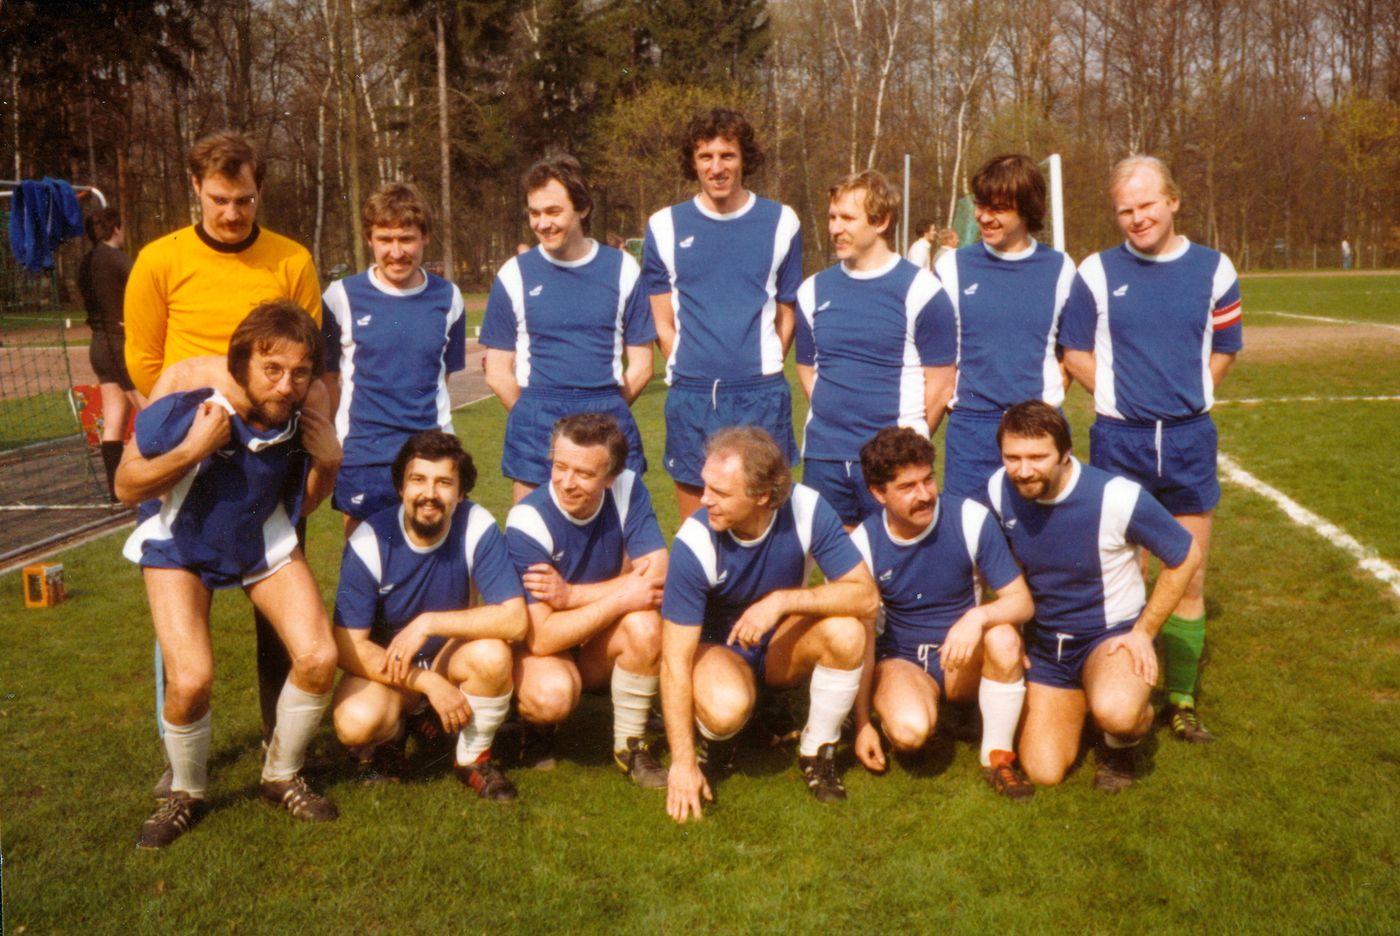 Neue Mannschaftsfotos aus den Jahren 1981-1999